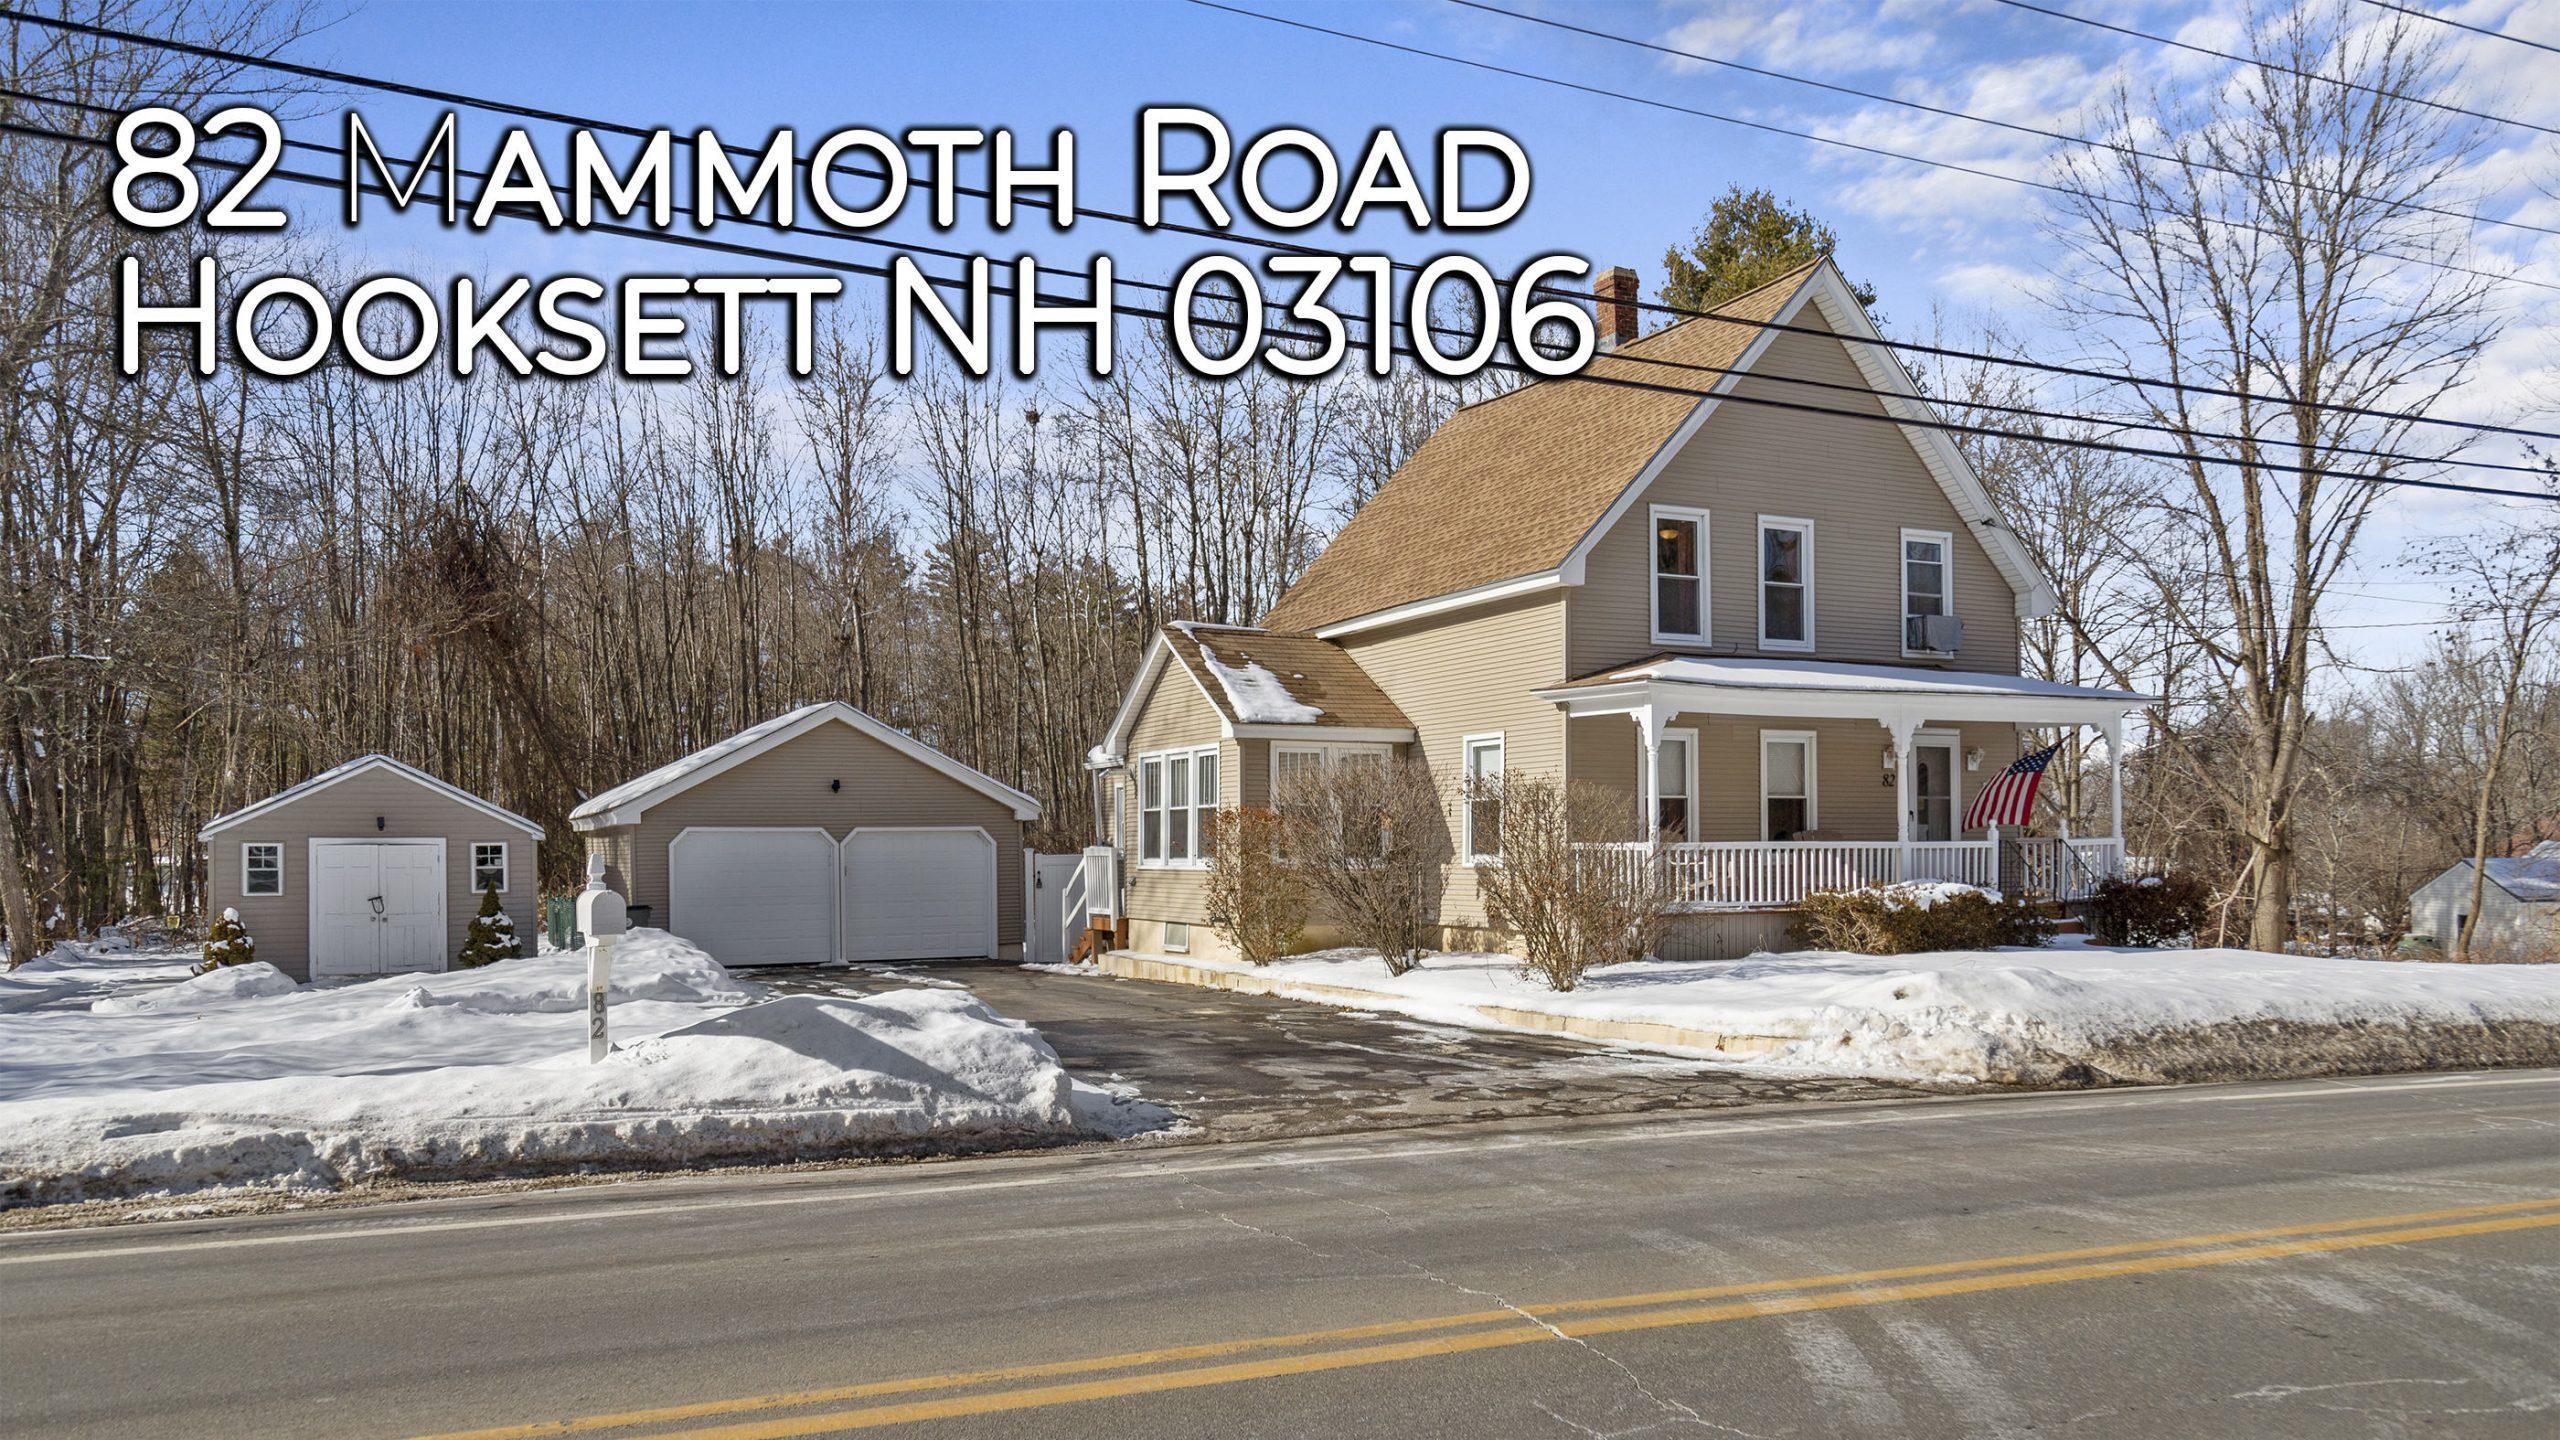 82 Mammoth Rd Hooksett NH 03106